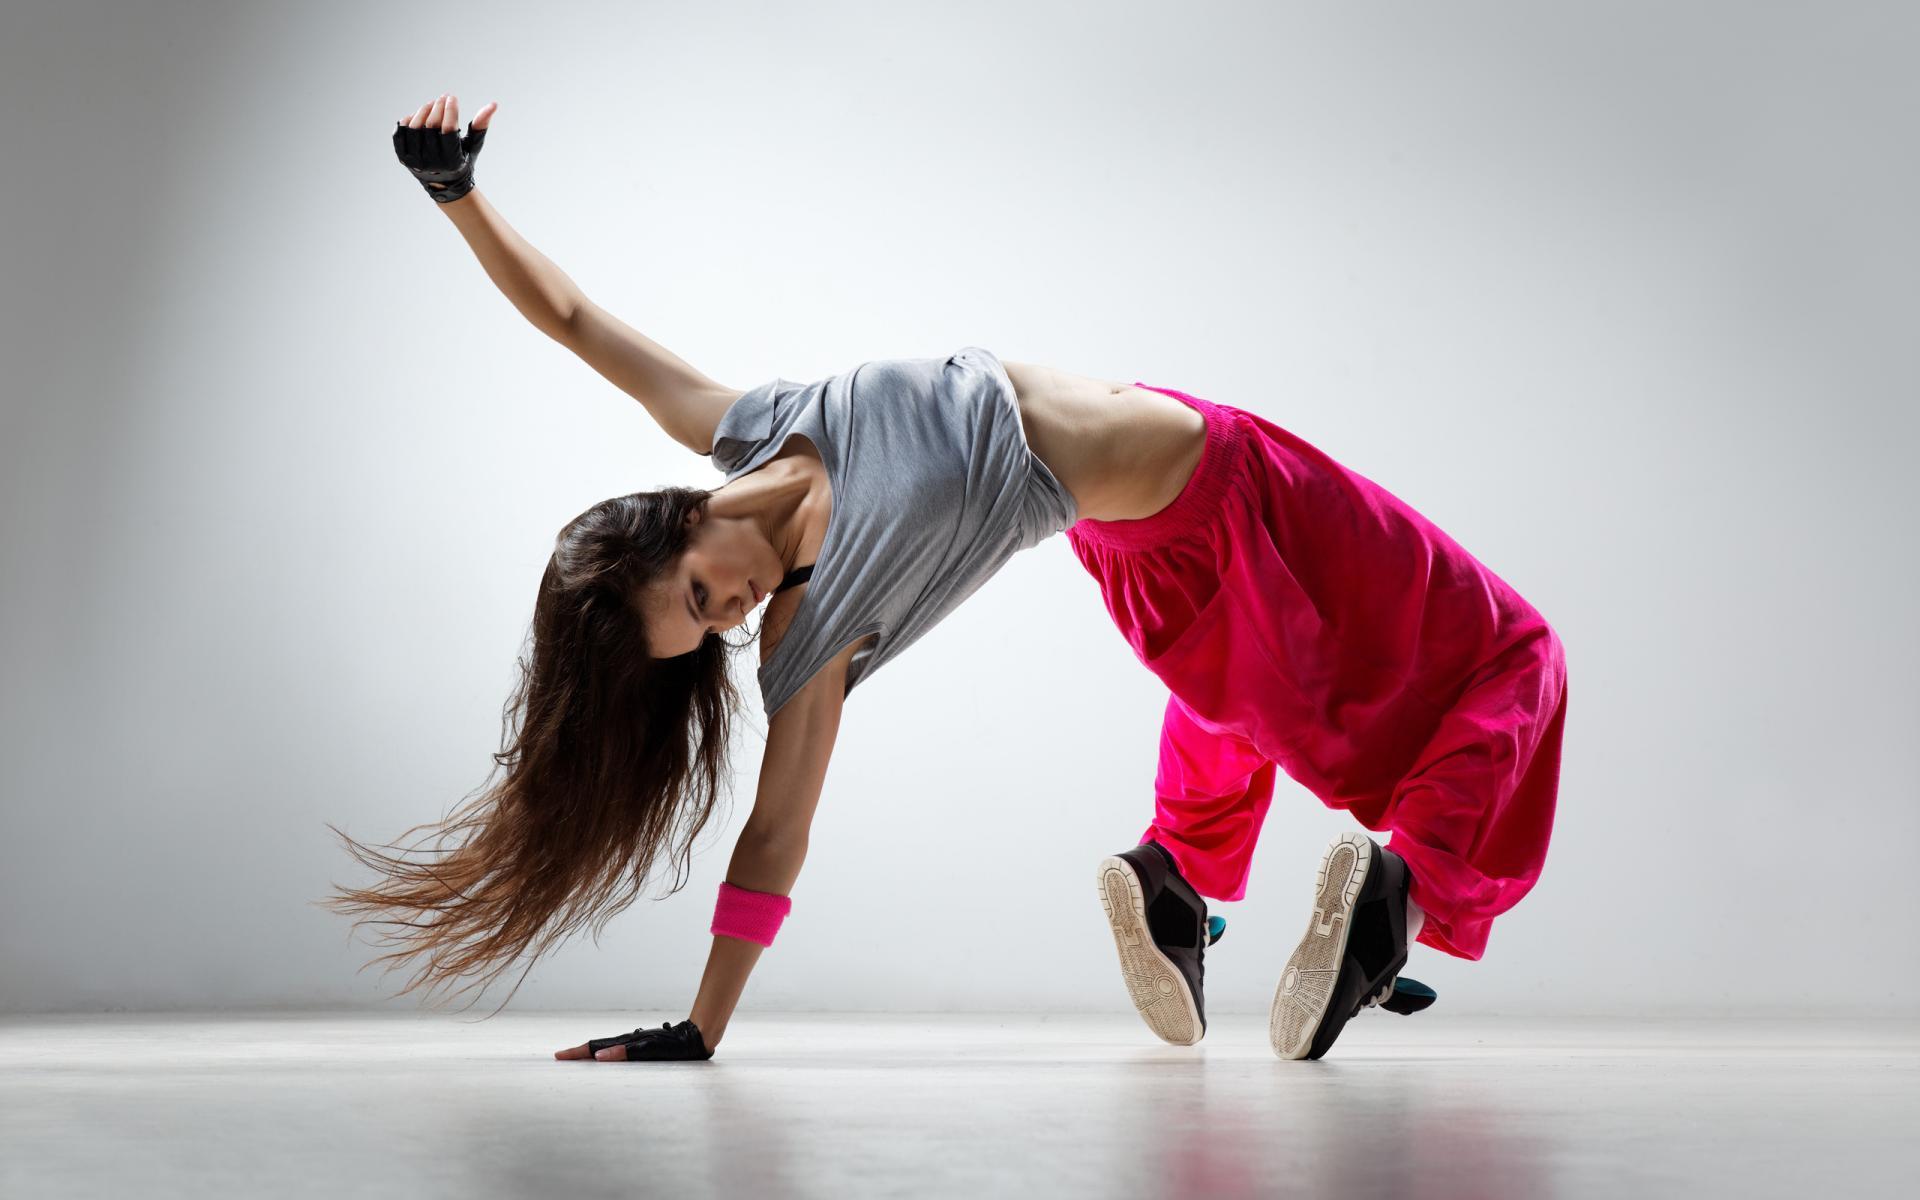 Νέα έρευνα δείχνει ότι ο χορός βοηθάει στην ενίσχυση της μνήμης και της μάθησης